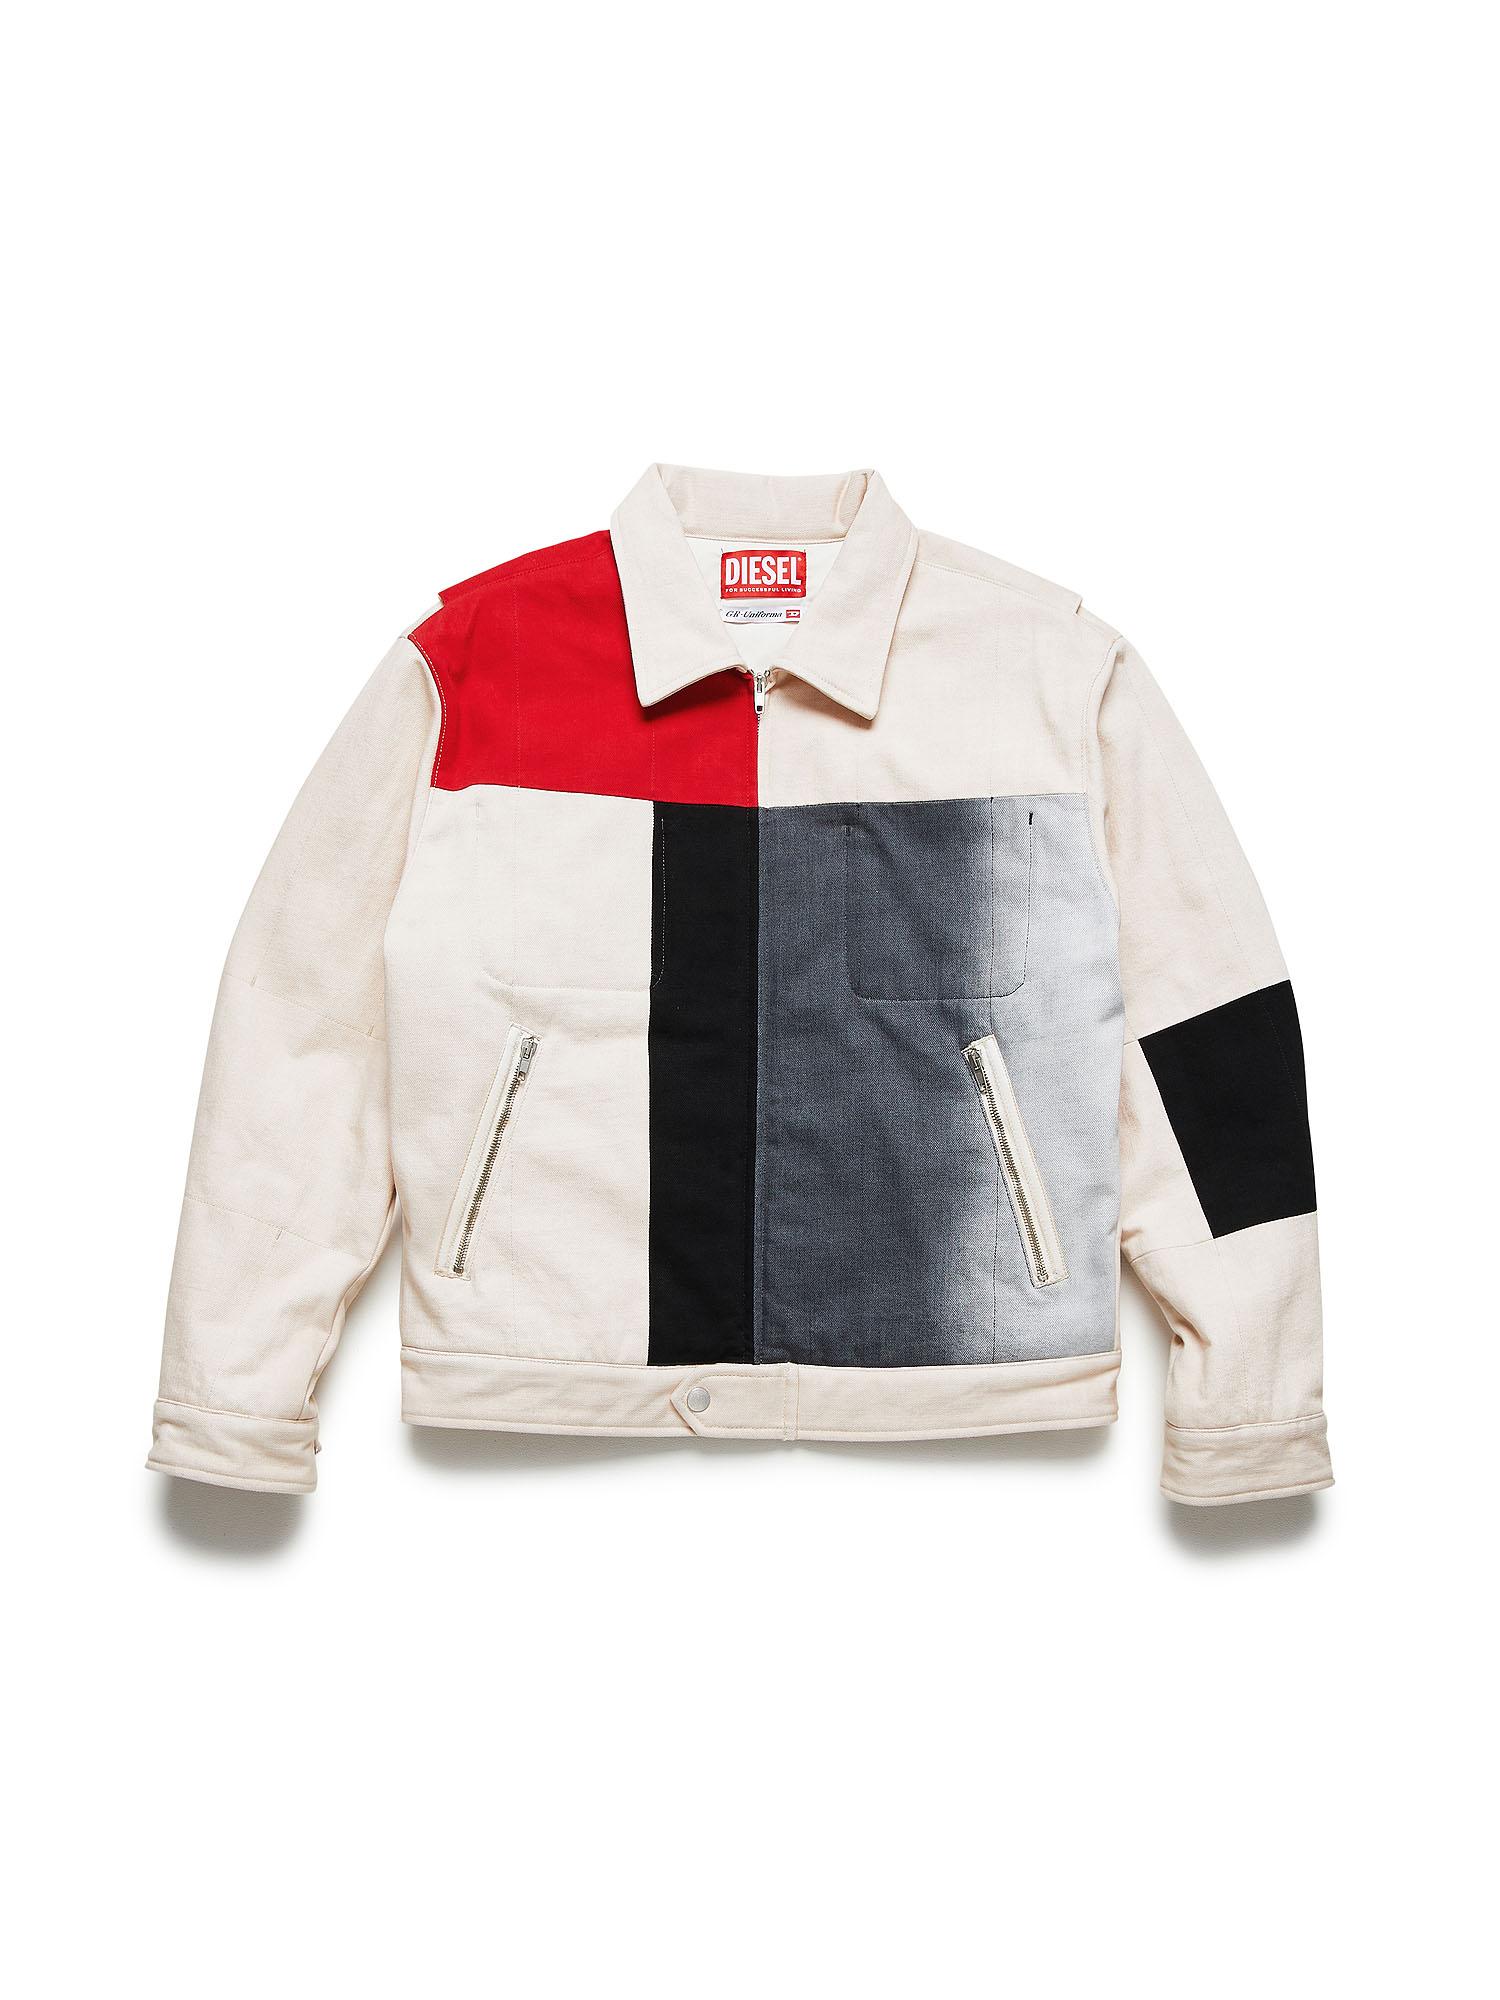 Diesel Denim Jackets 003Y8 - White - L